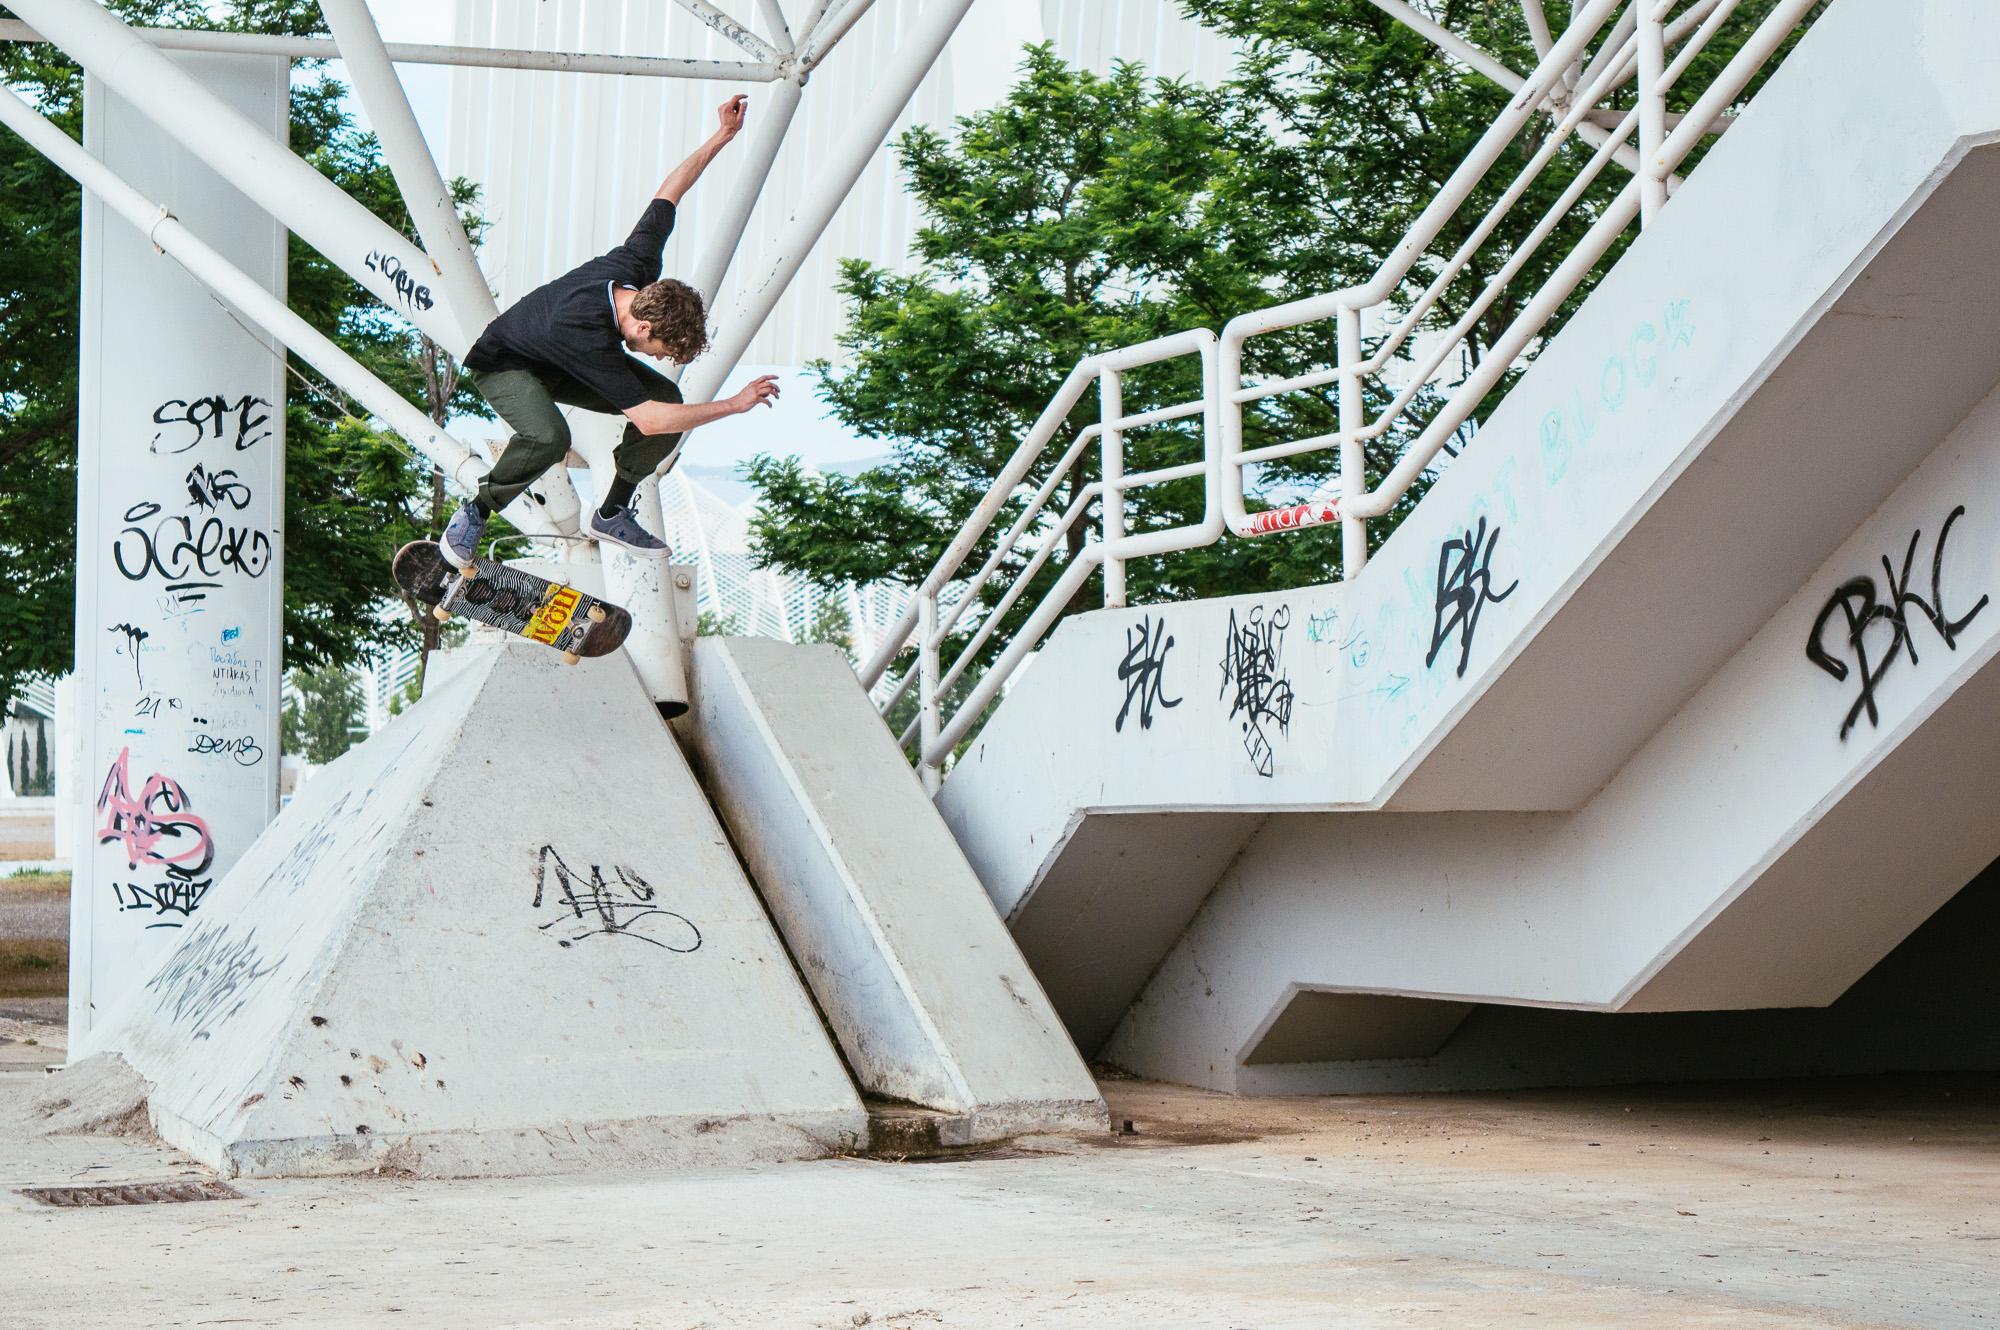 Matt McDowell - nollie backside heelflip